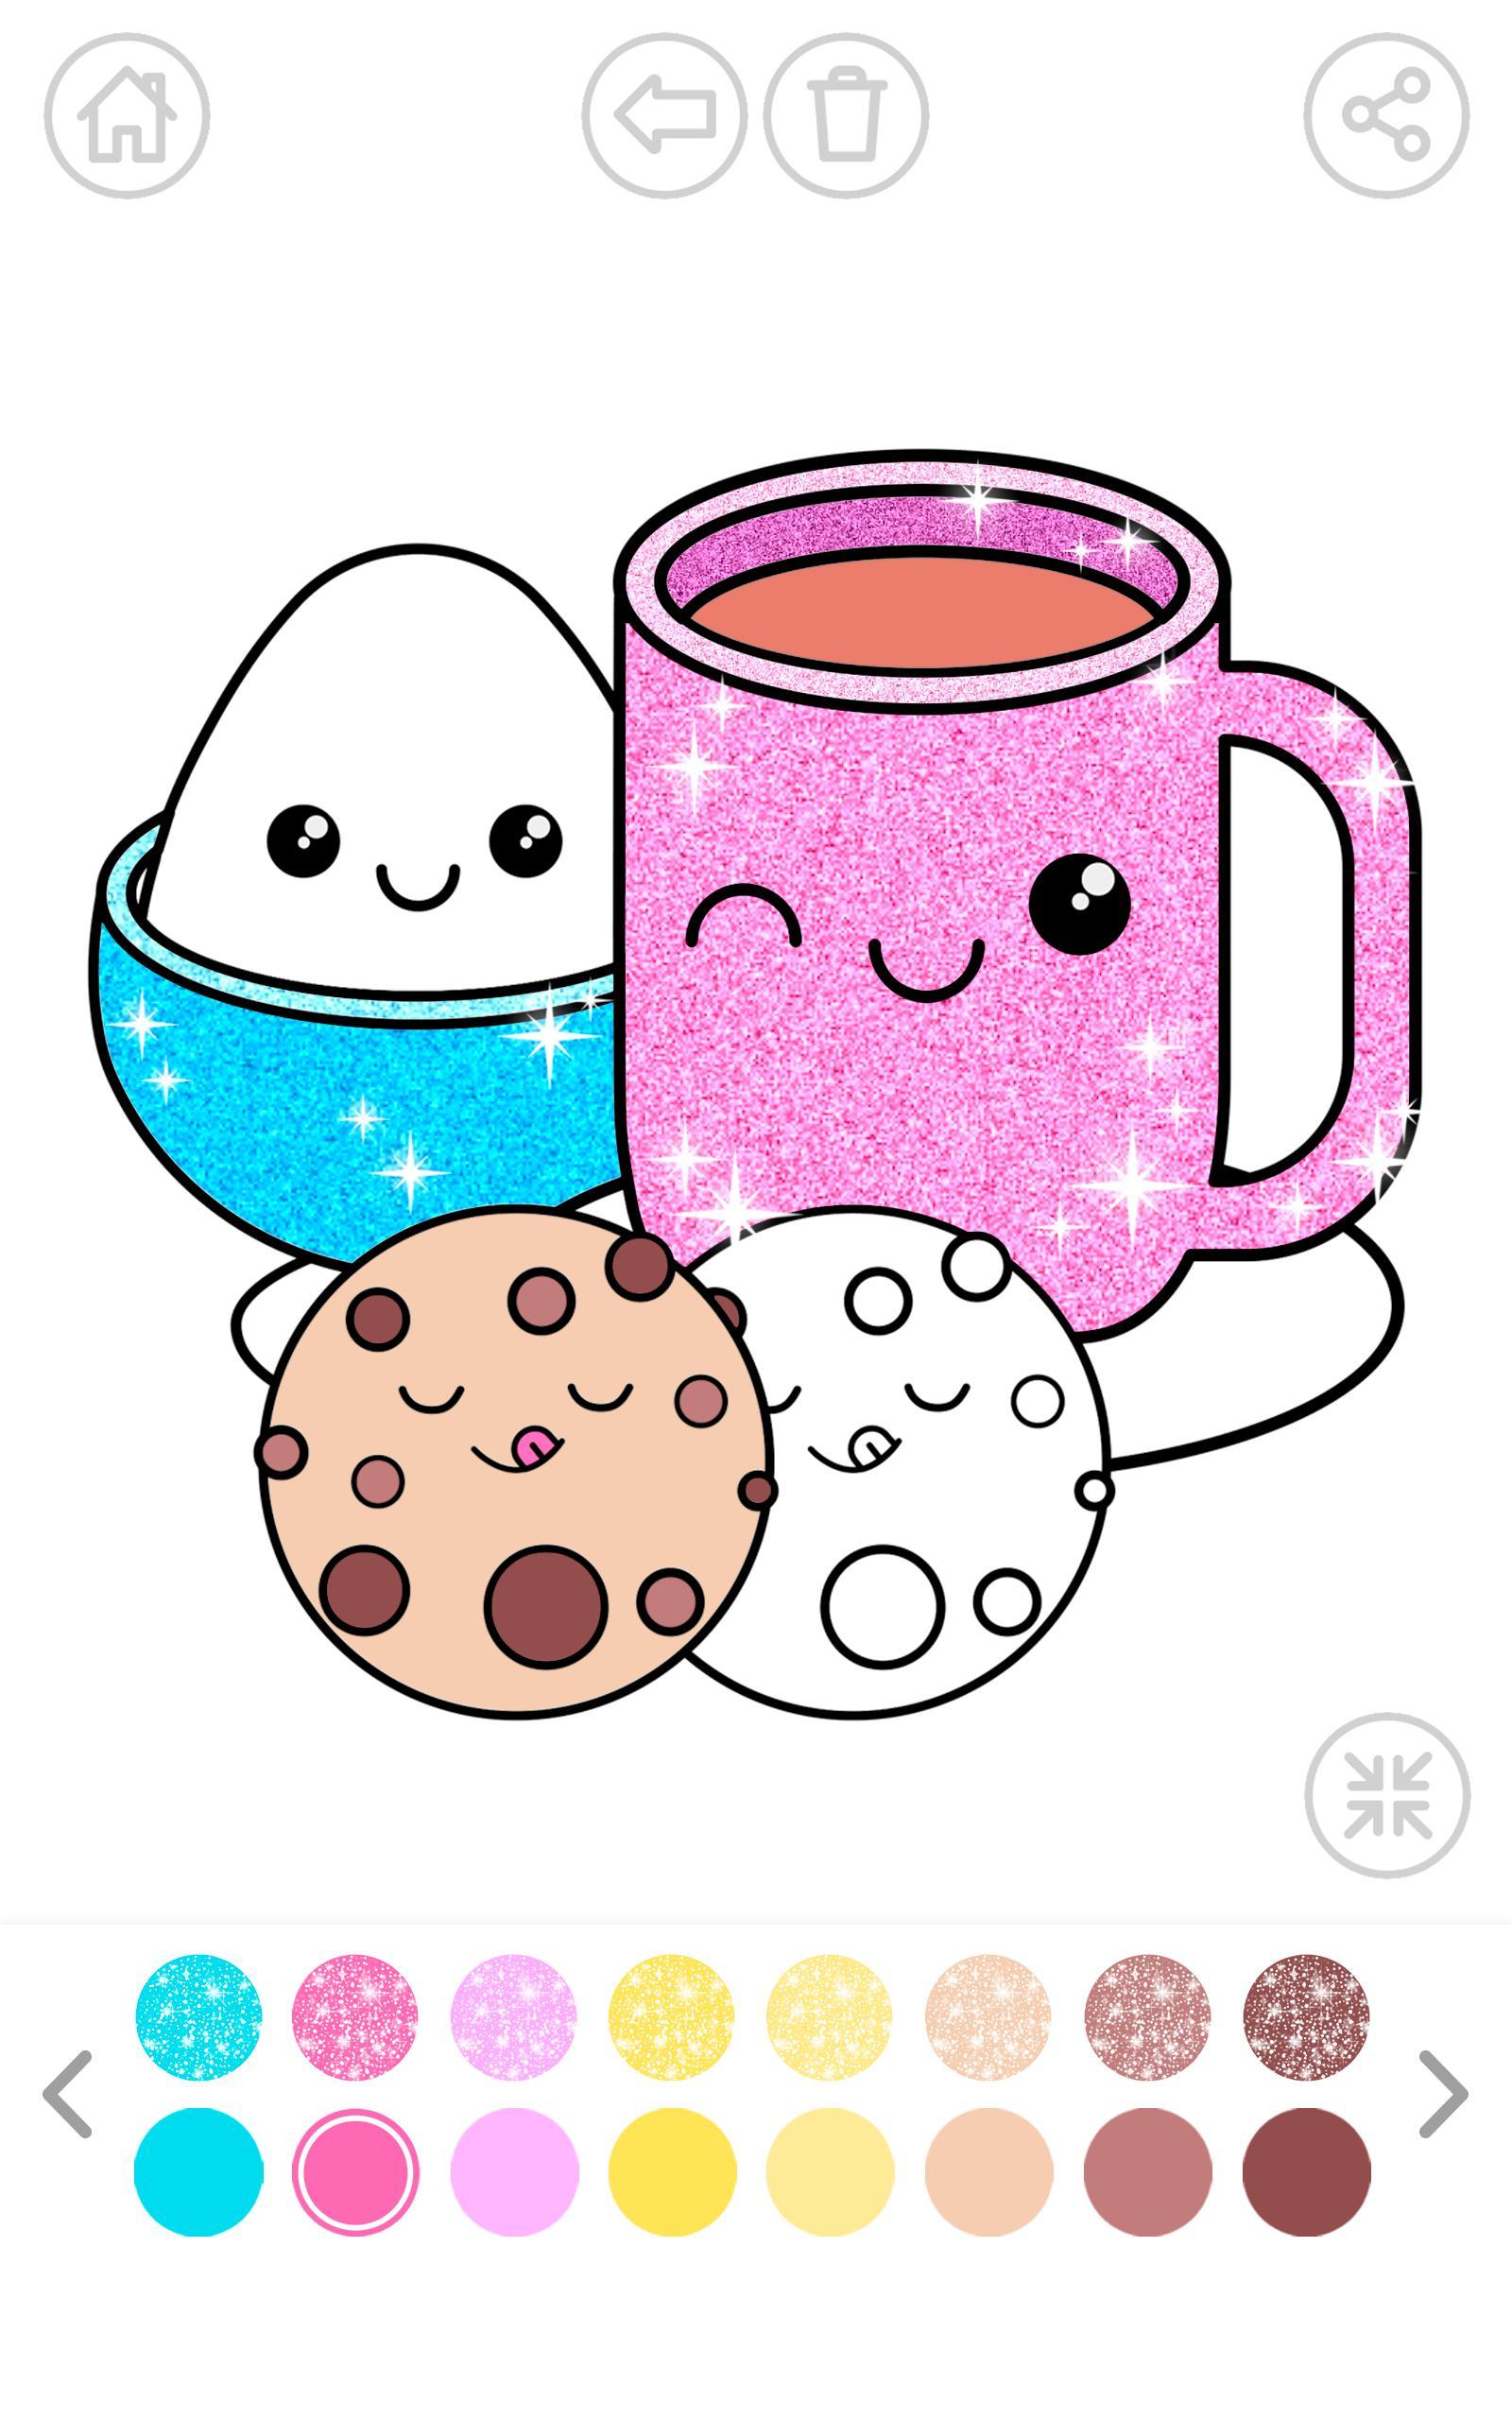 Kawaii Coloring Book Sparkle für Android - APK herunterladen